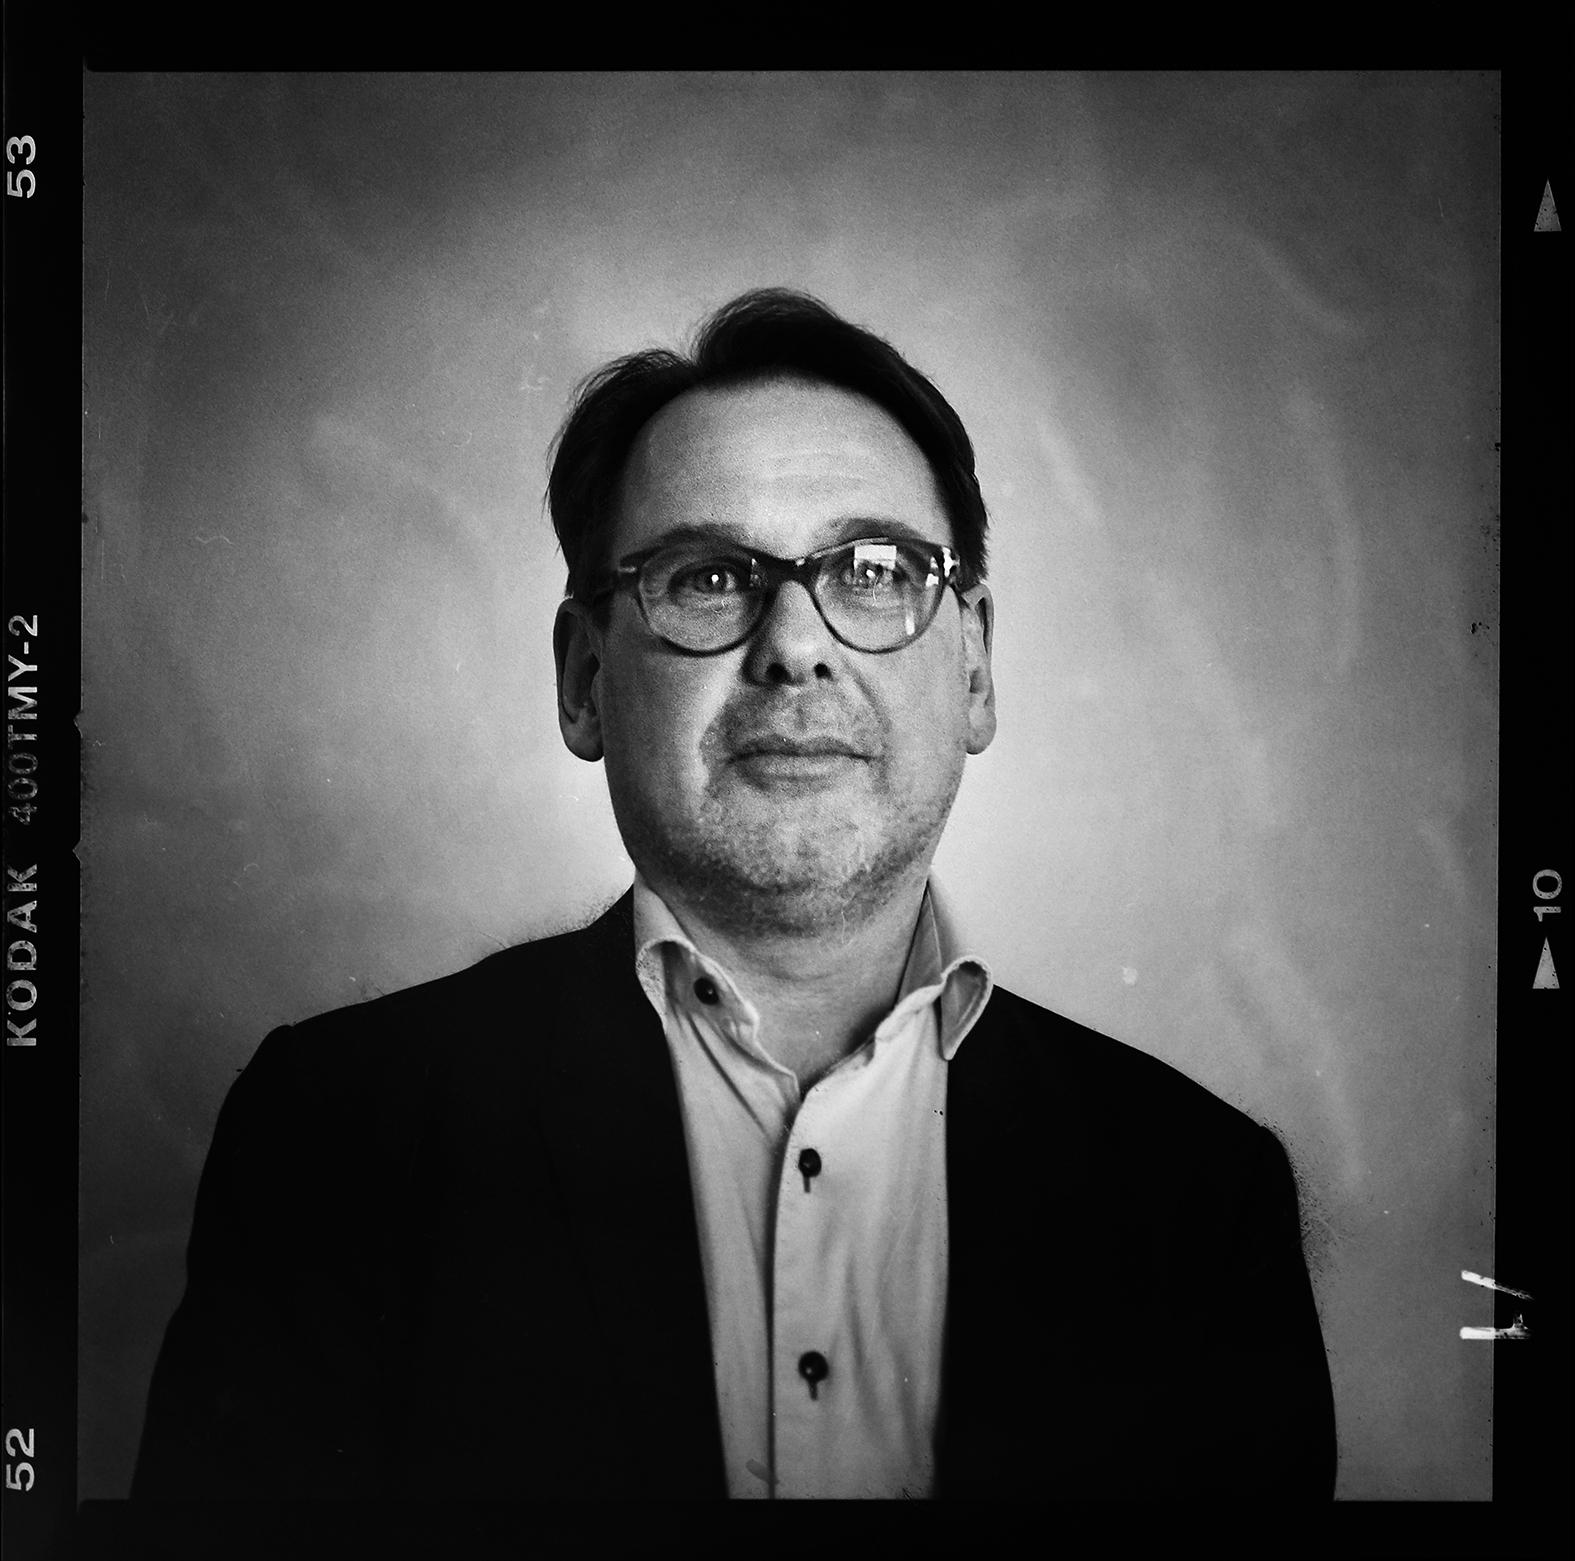 PeO Wärring tidigare chefredaktör på Eskilstuna-Kuriren fotograferades uppe i lunchrummet på redaktionen i samband med avtackningen. Foto: Mikael Andersson, 2016-04-01, Hasselblad 500CM, 80mm. Exponerad 1/30sek f2,8.